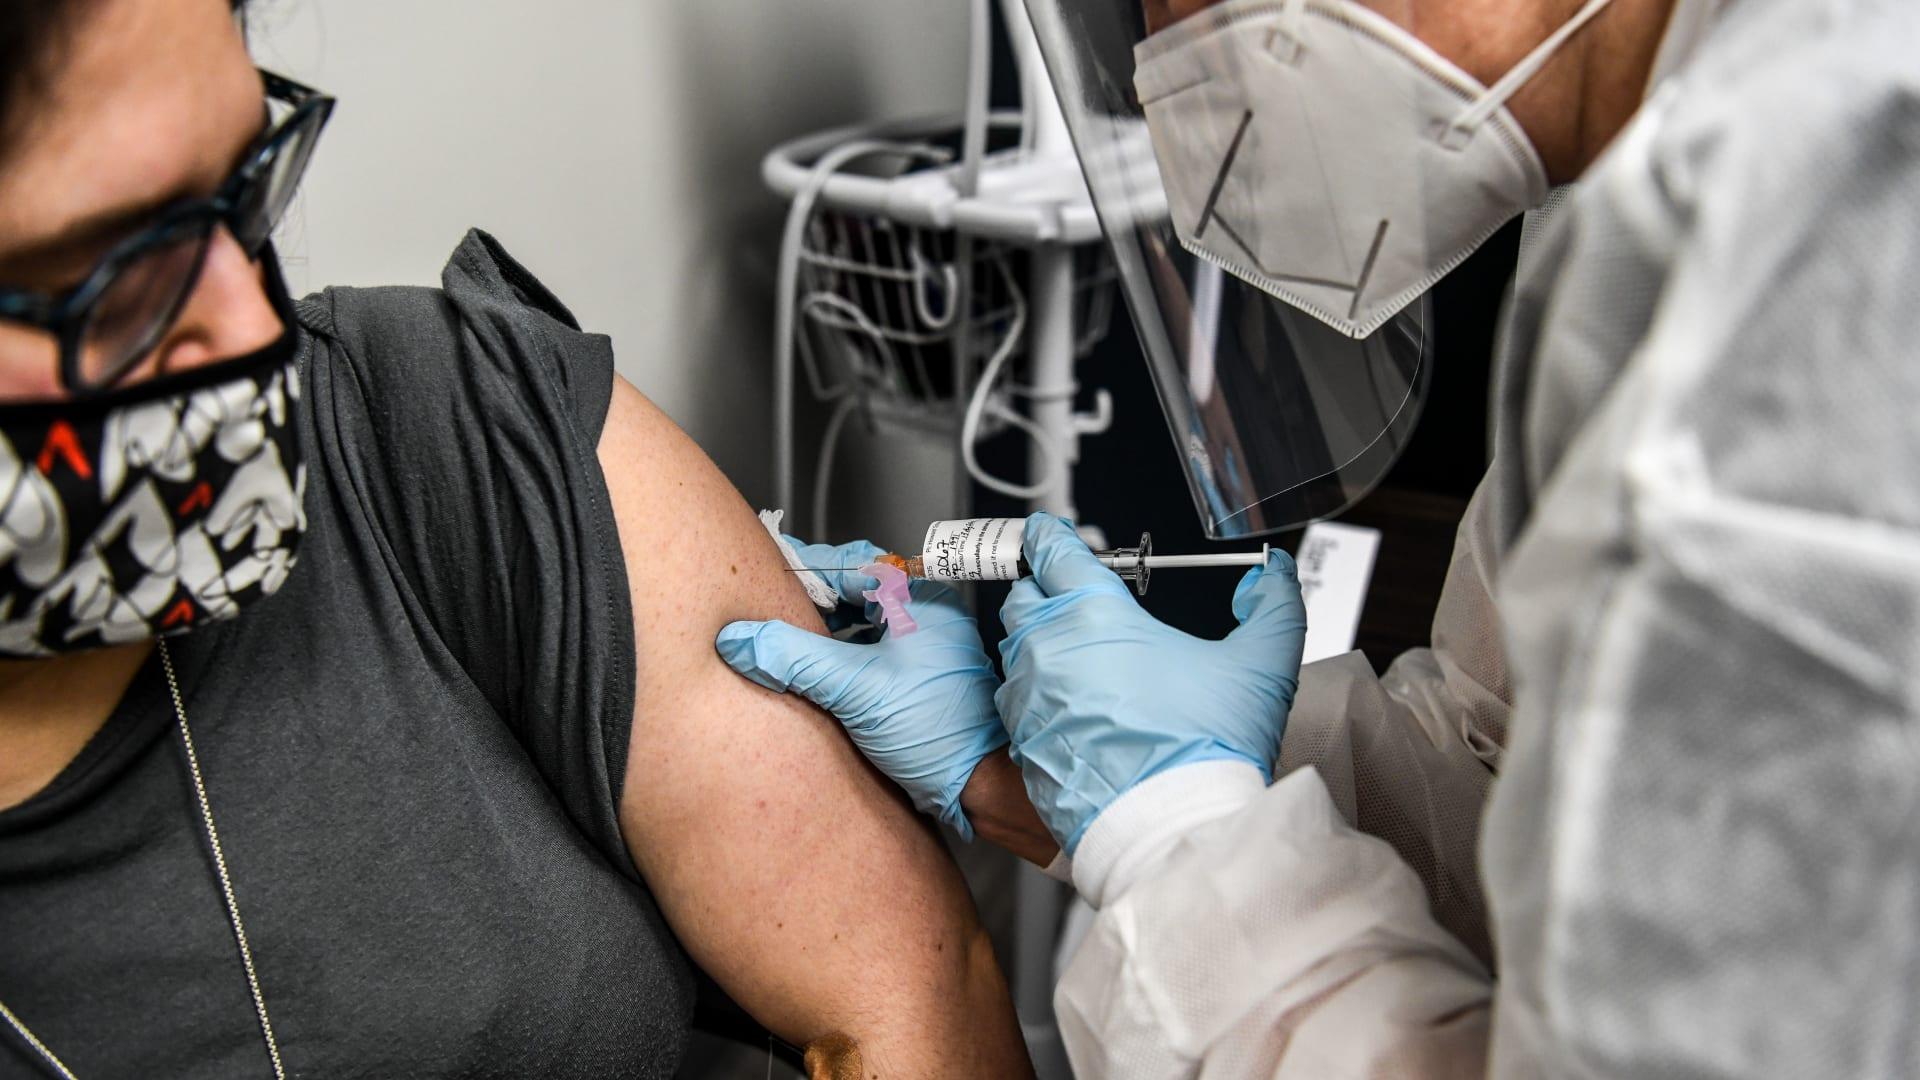 لقاح فيروس كورونا قد يتطلب جرعتين ليكون فعالاً.. ما هي المضاعفات التي يمكن أن تنشأ عن ذلك؟